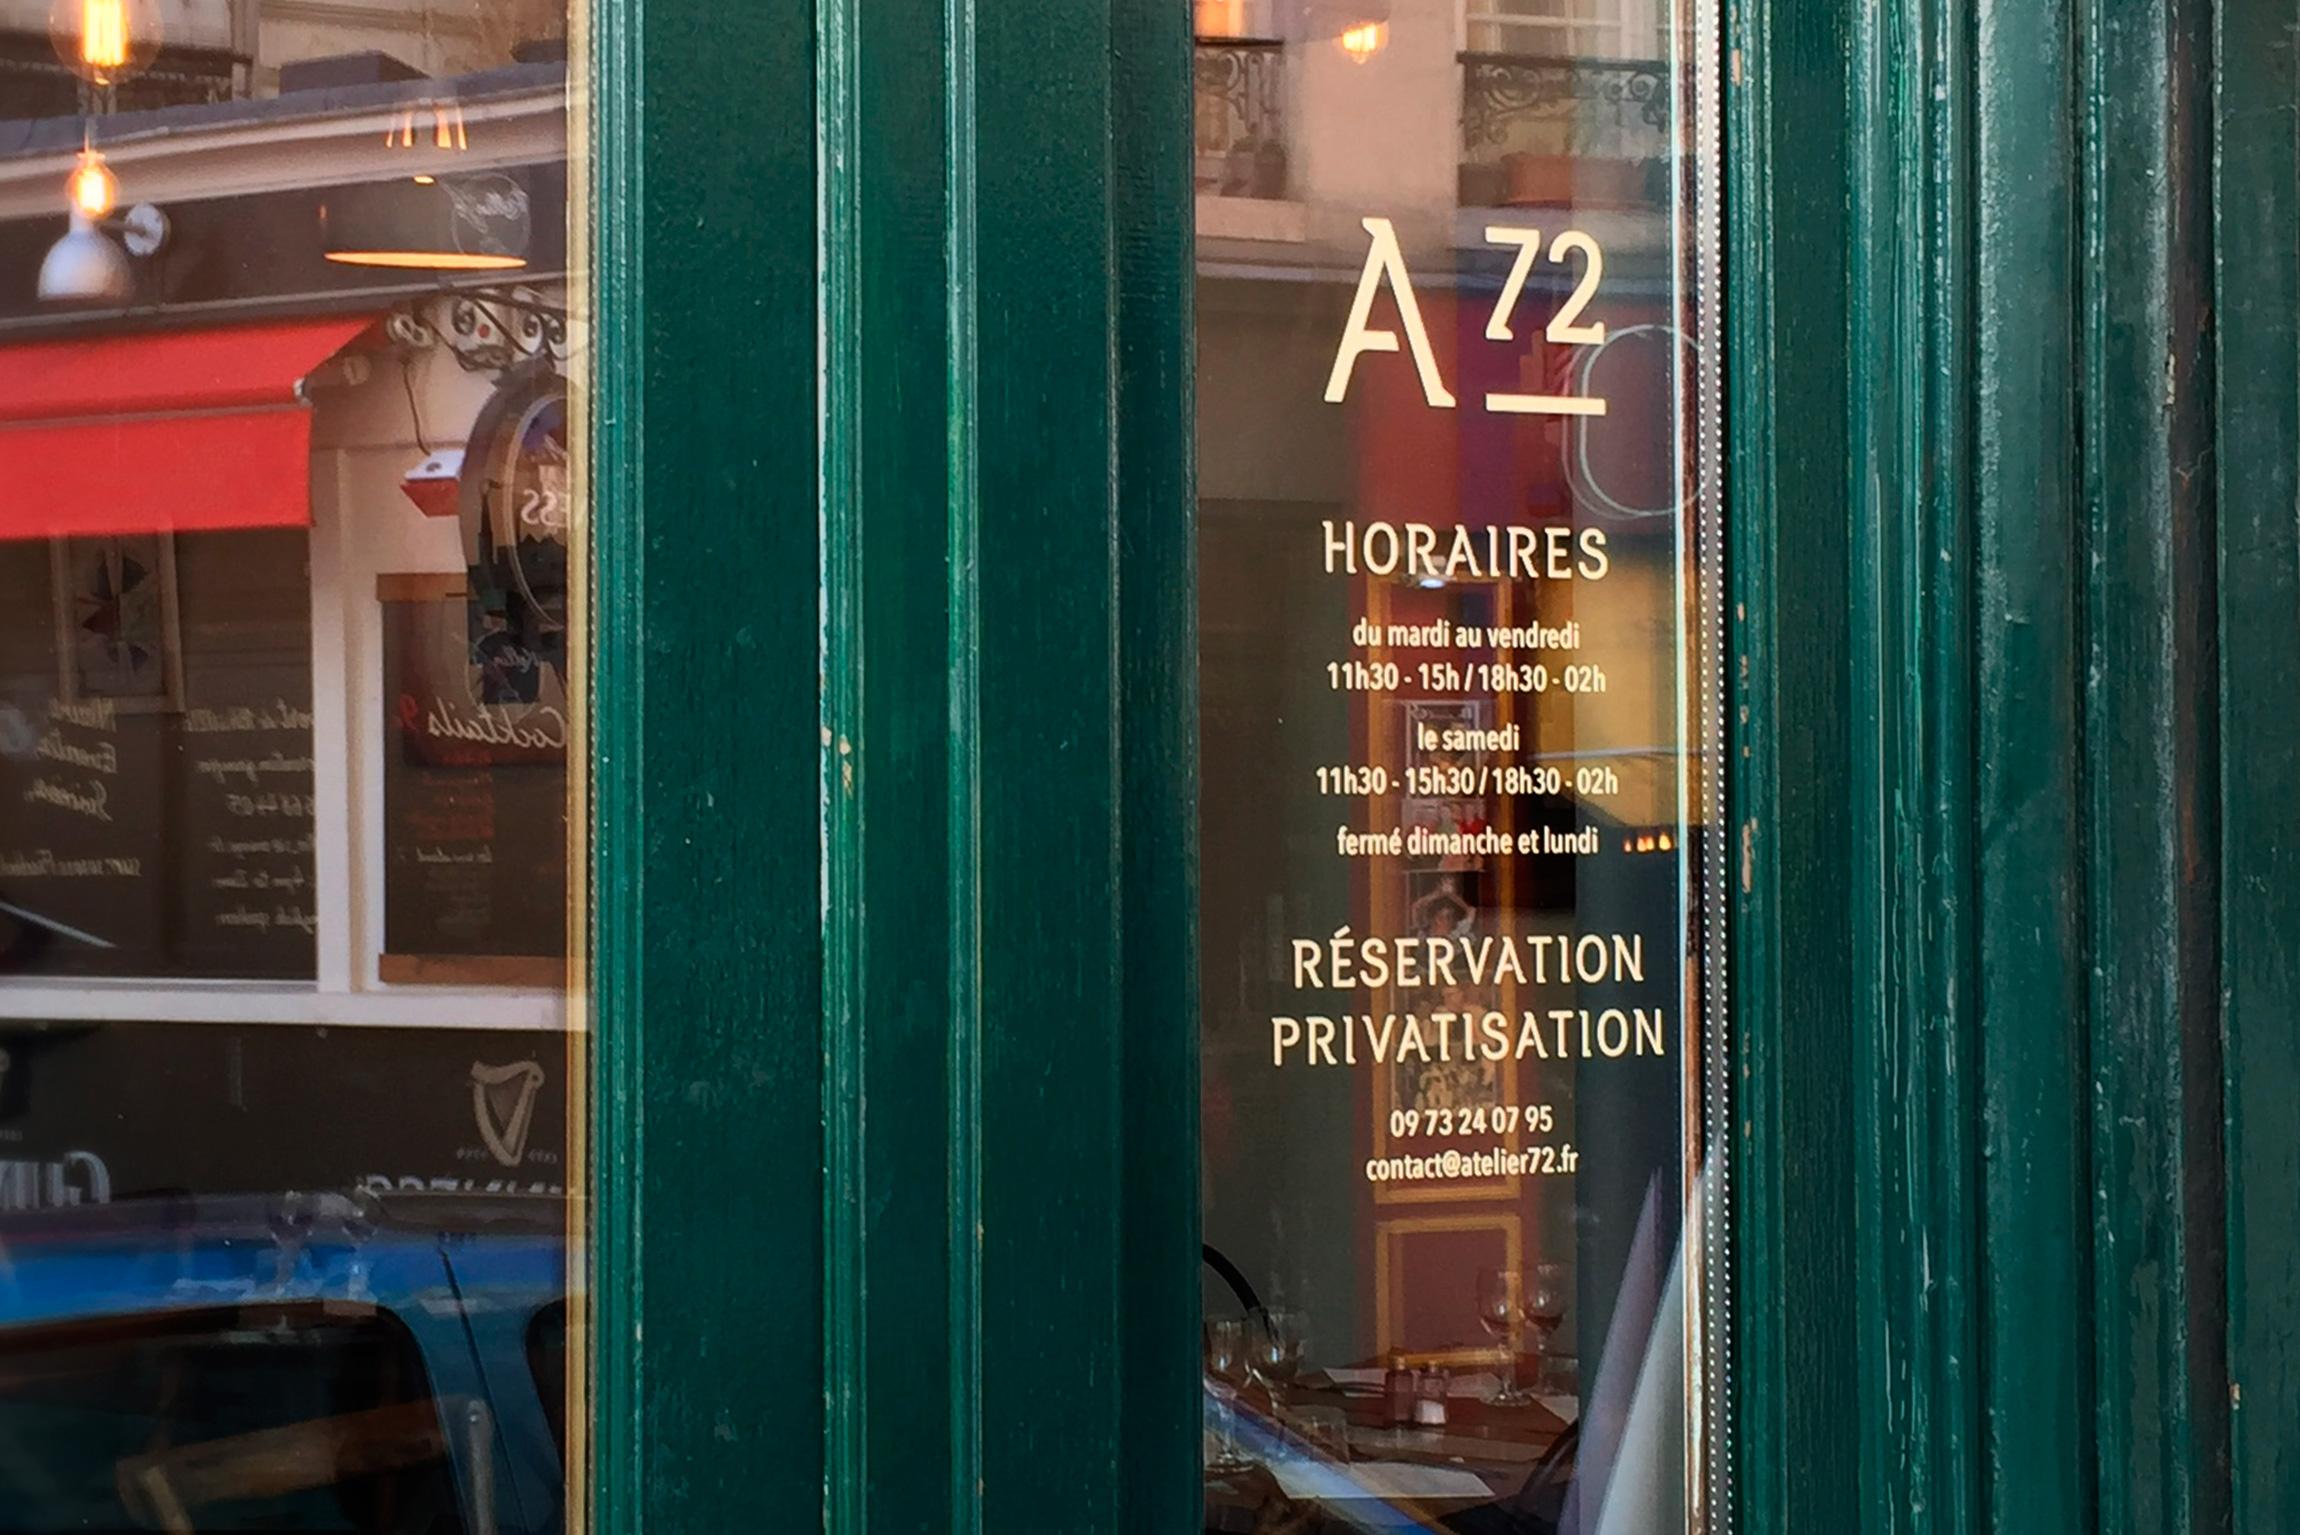 A72-photo6.jpg